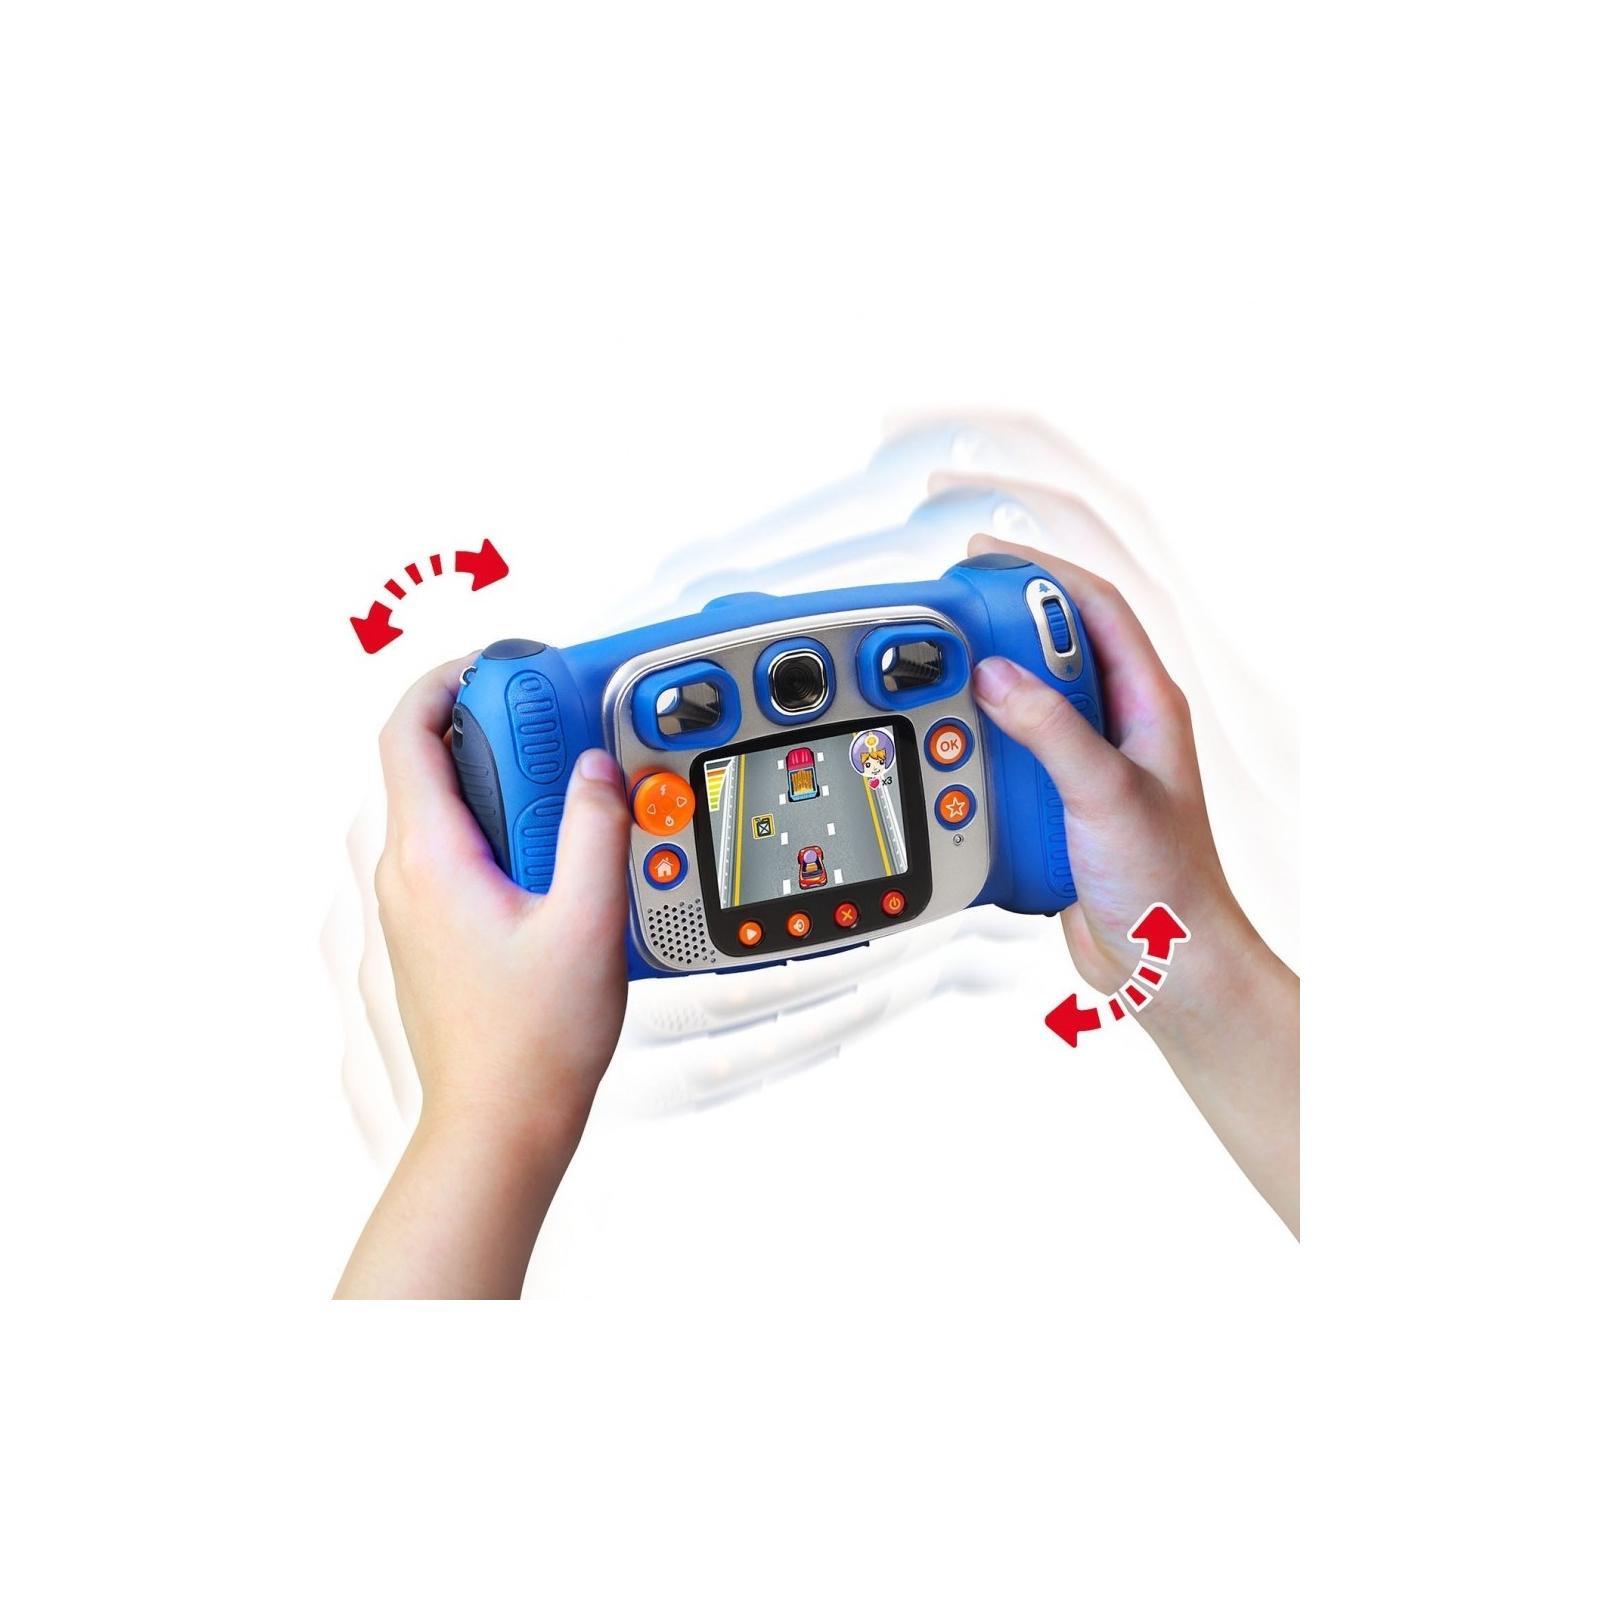 Интерактивная игрушка VTech Детская цифровая фотокамера Kidizoom Duo Blue (80-170803) изображение 3